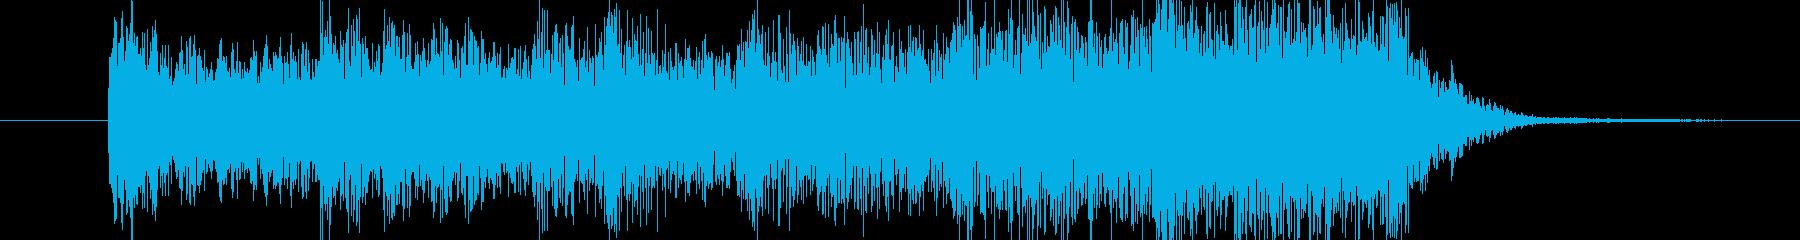 ホラーな破裂音 ロゴサウンドにどうぞの再生済みの波形